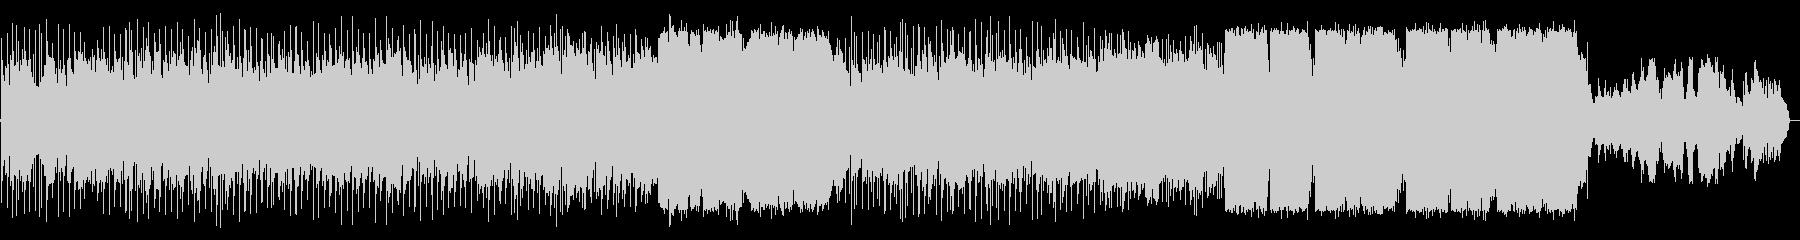 オルガンがメインのソウルバラードの未再生の波形